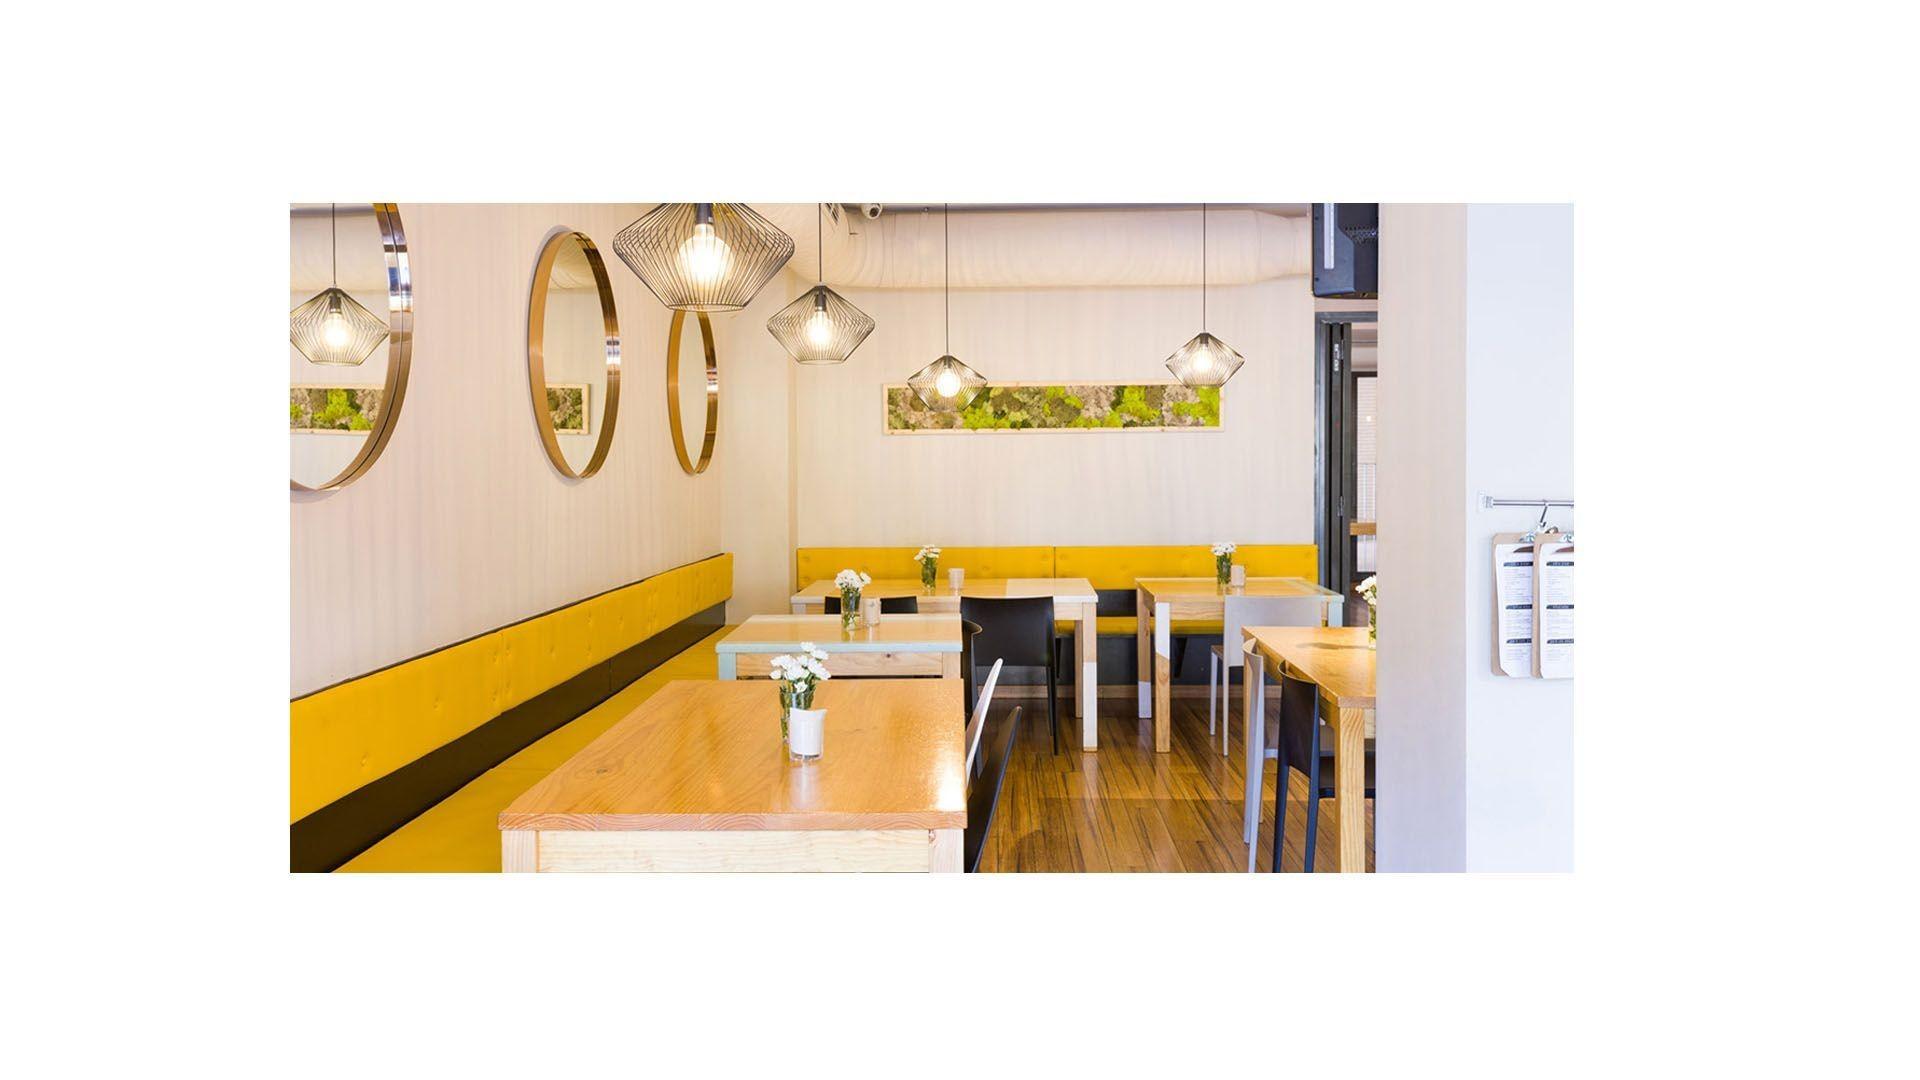 Restaurante en Zaragoza con brasas y espacio para niños